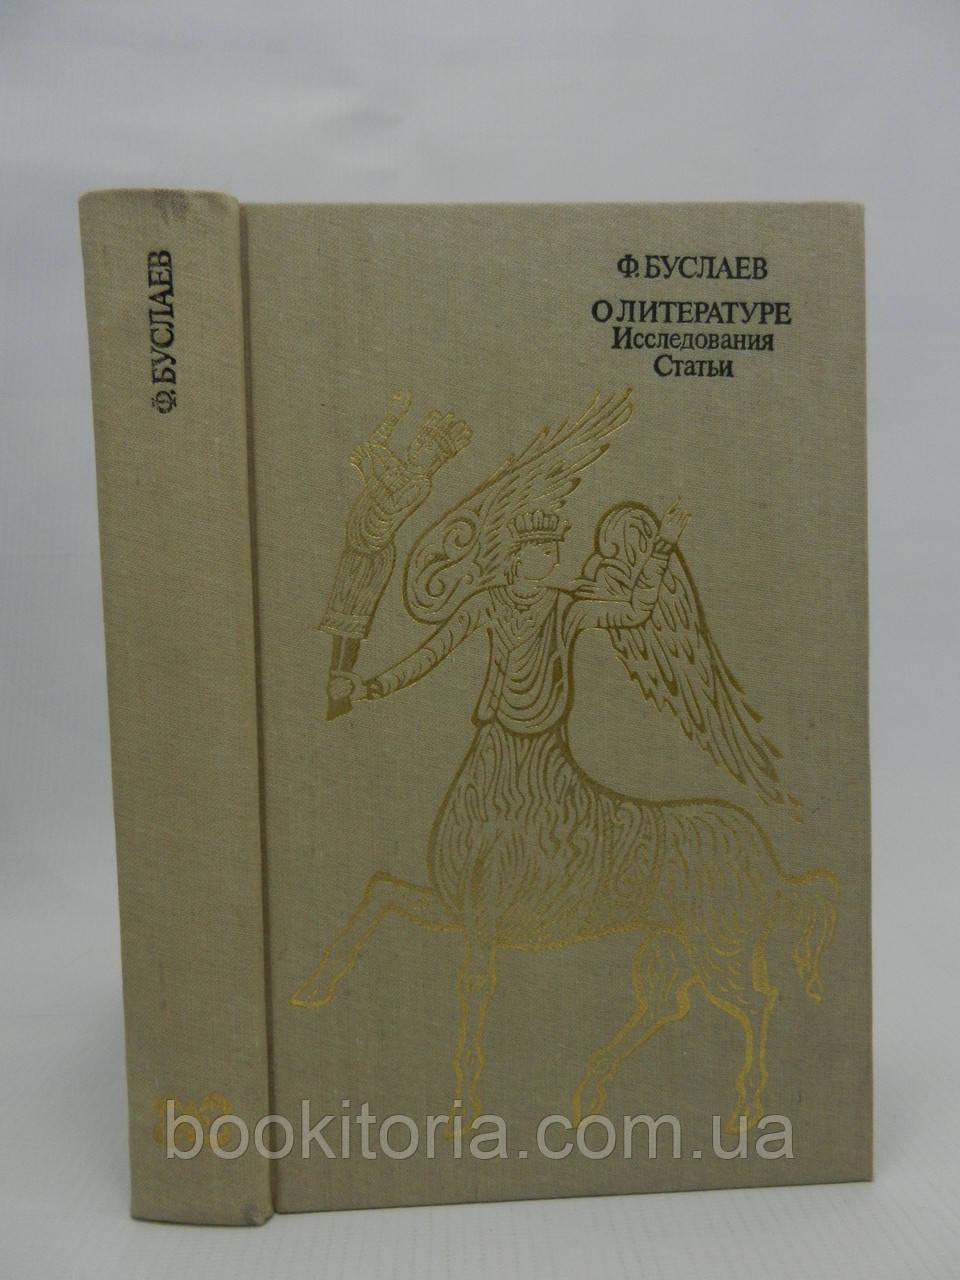 Буслаев Ф. О литературе: Исследования. Статьи (б/у).